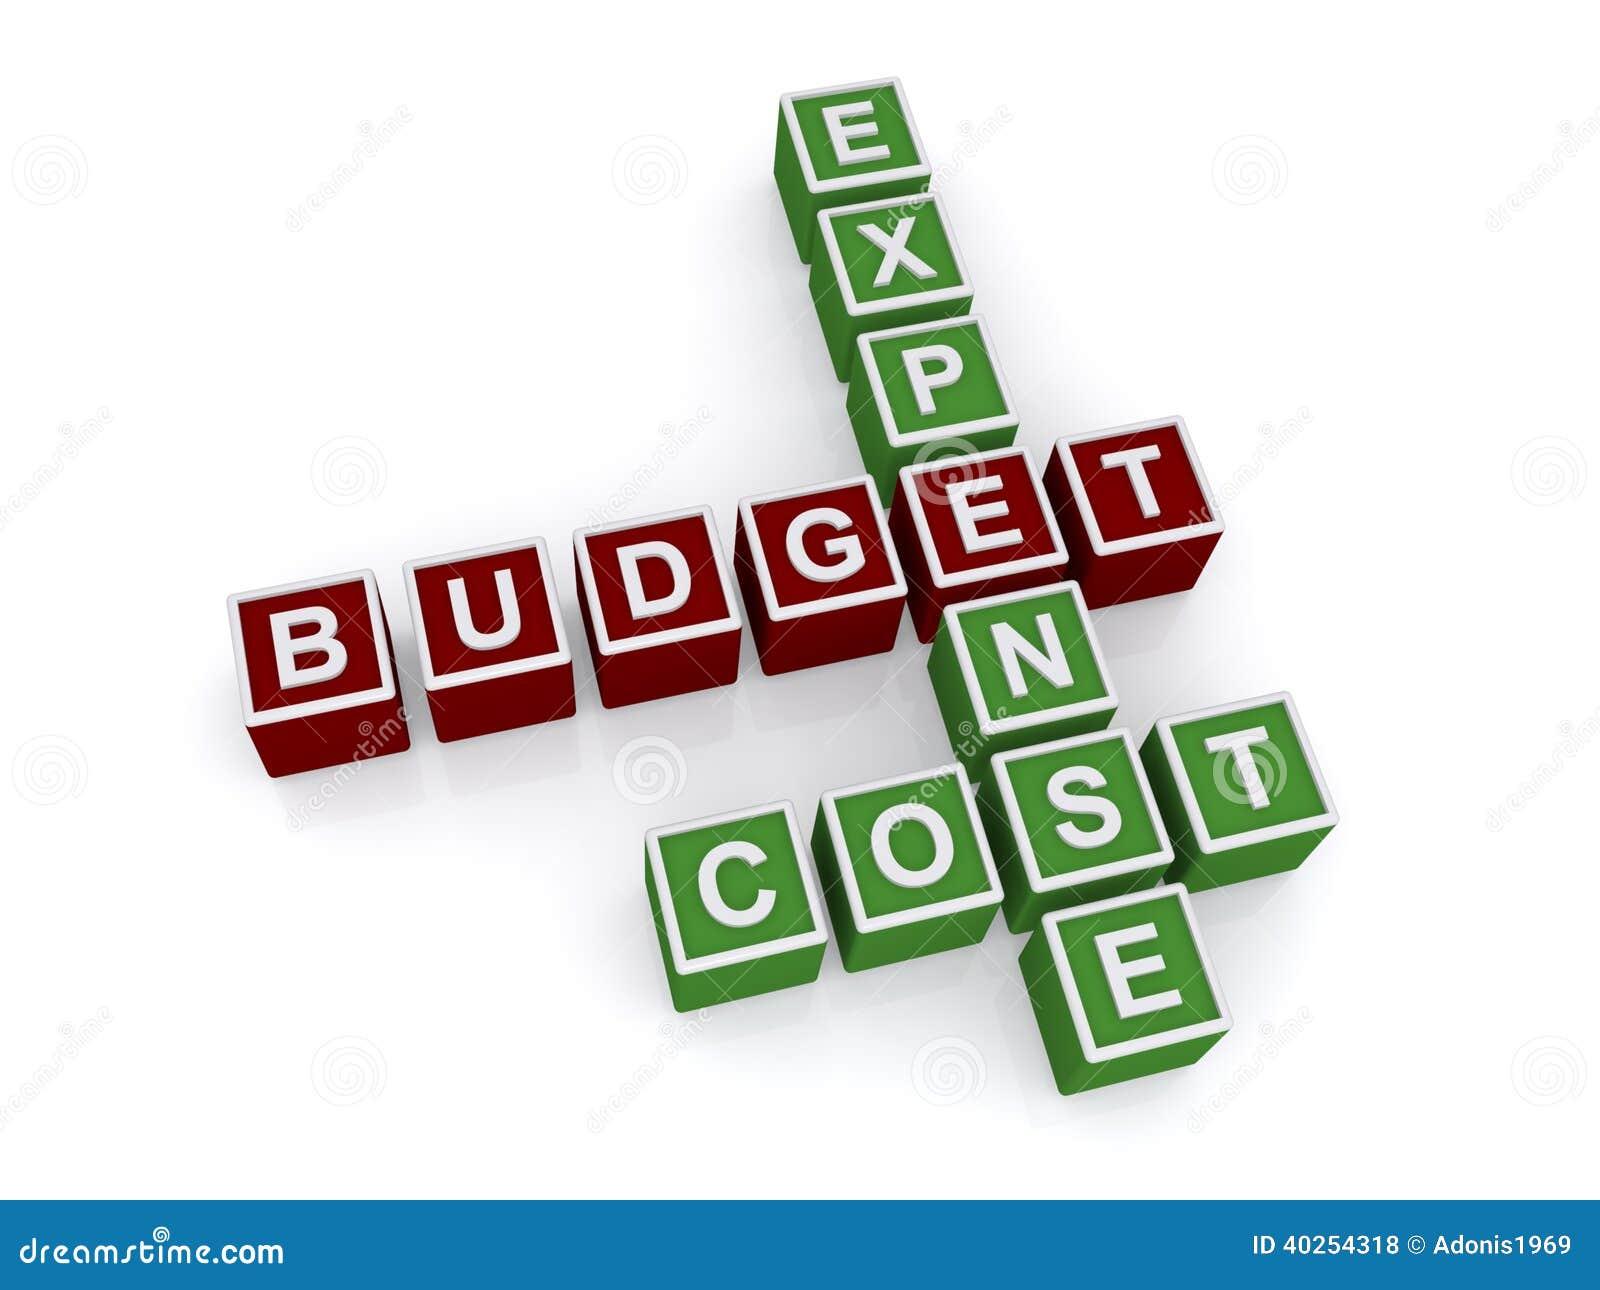 budget expense